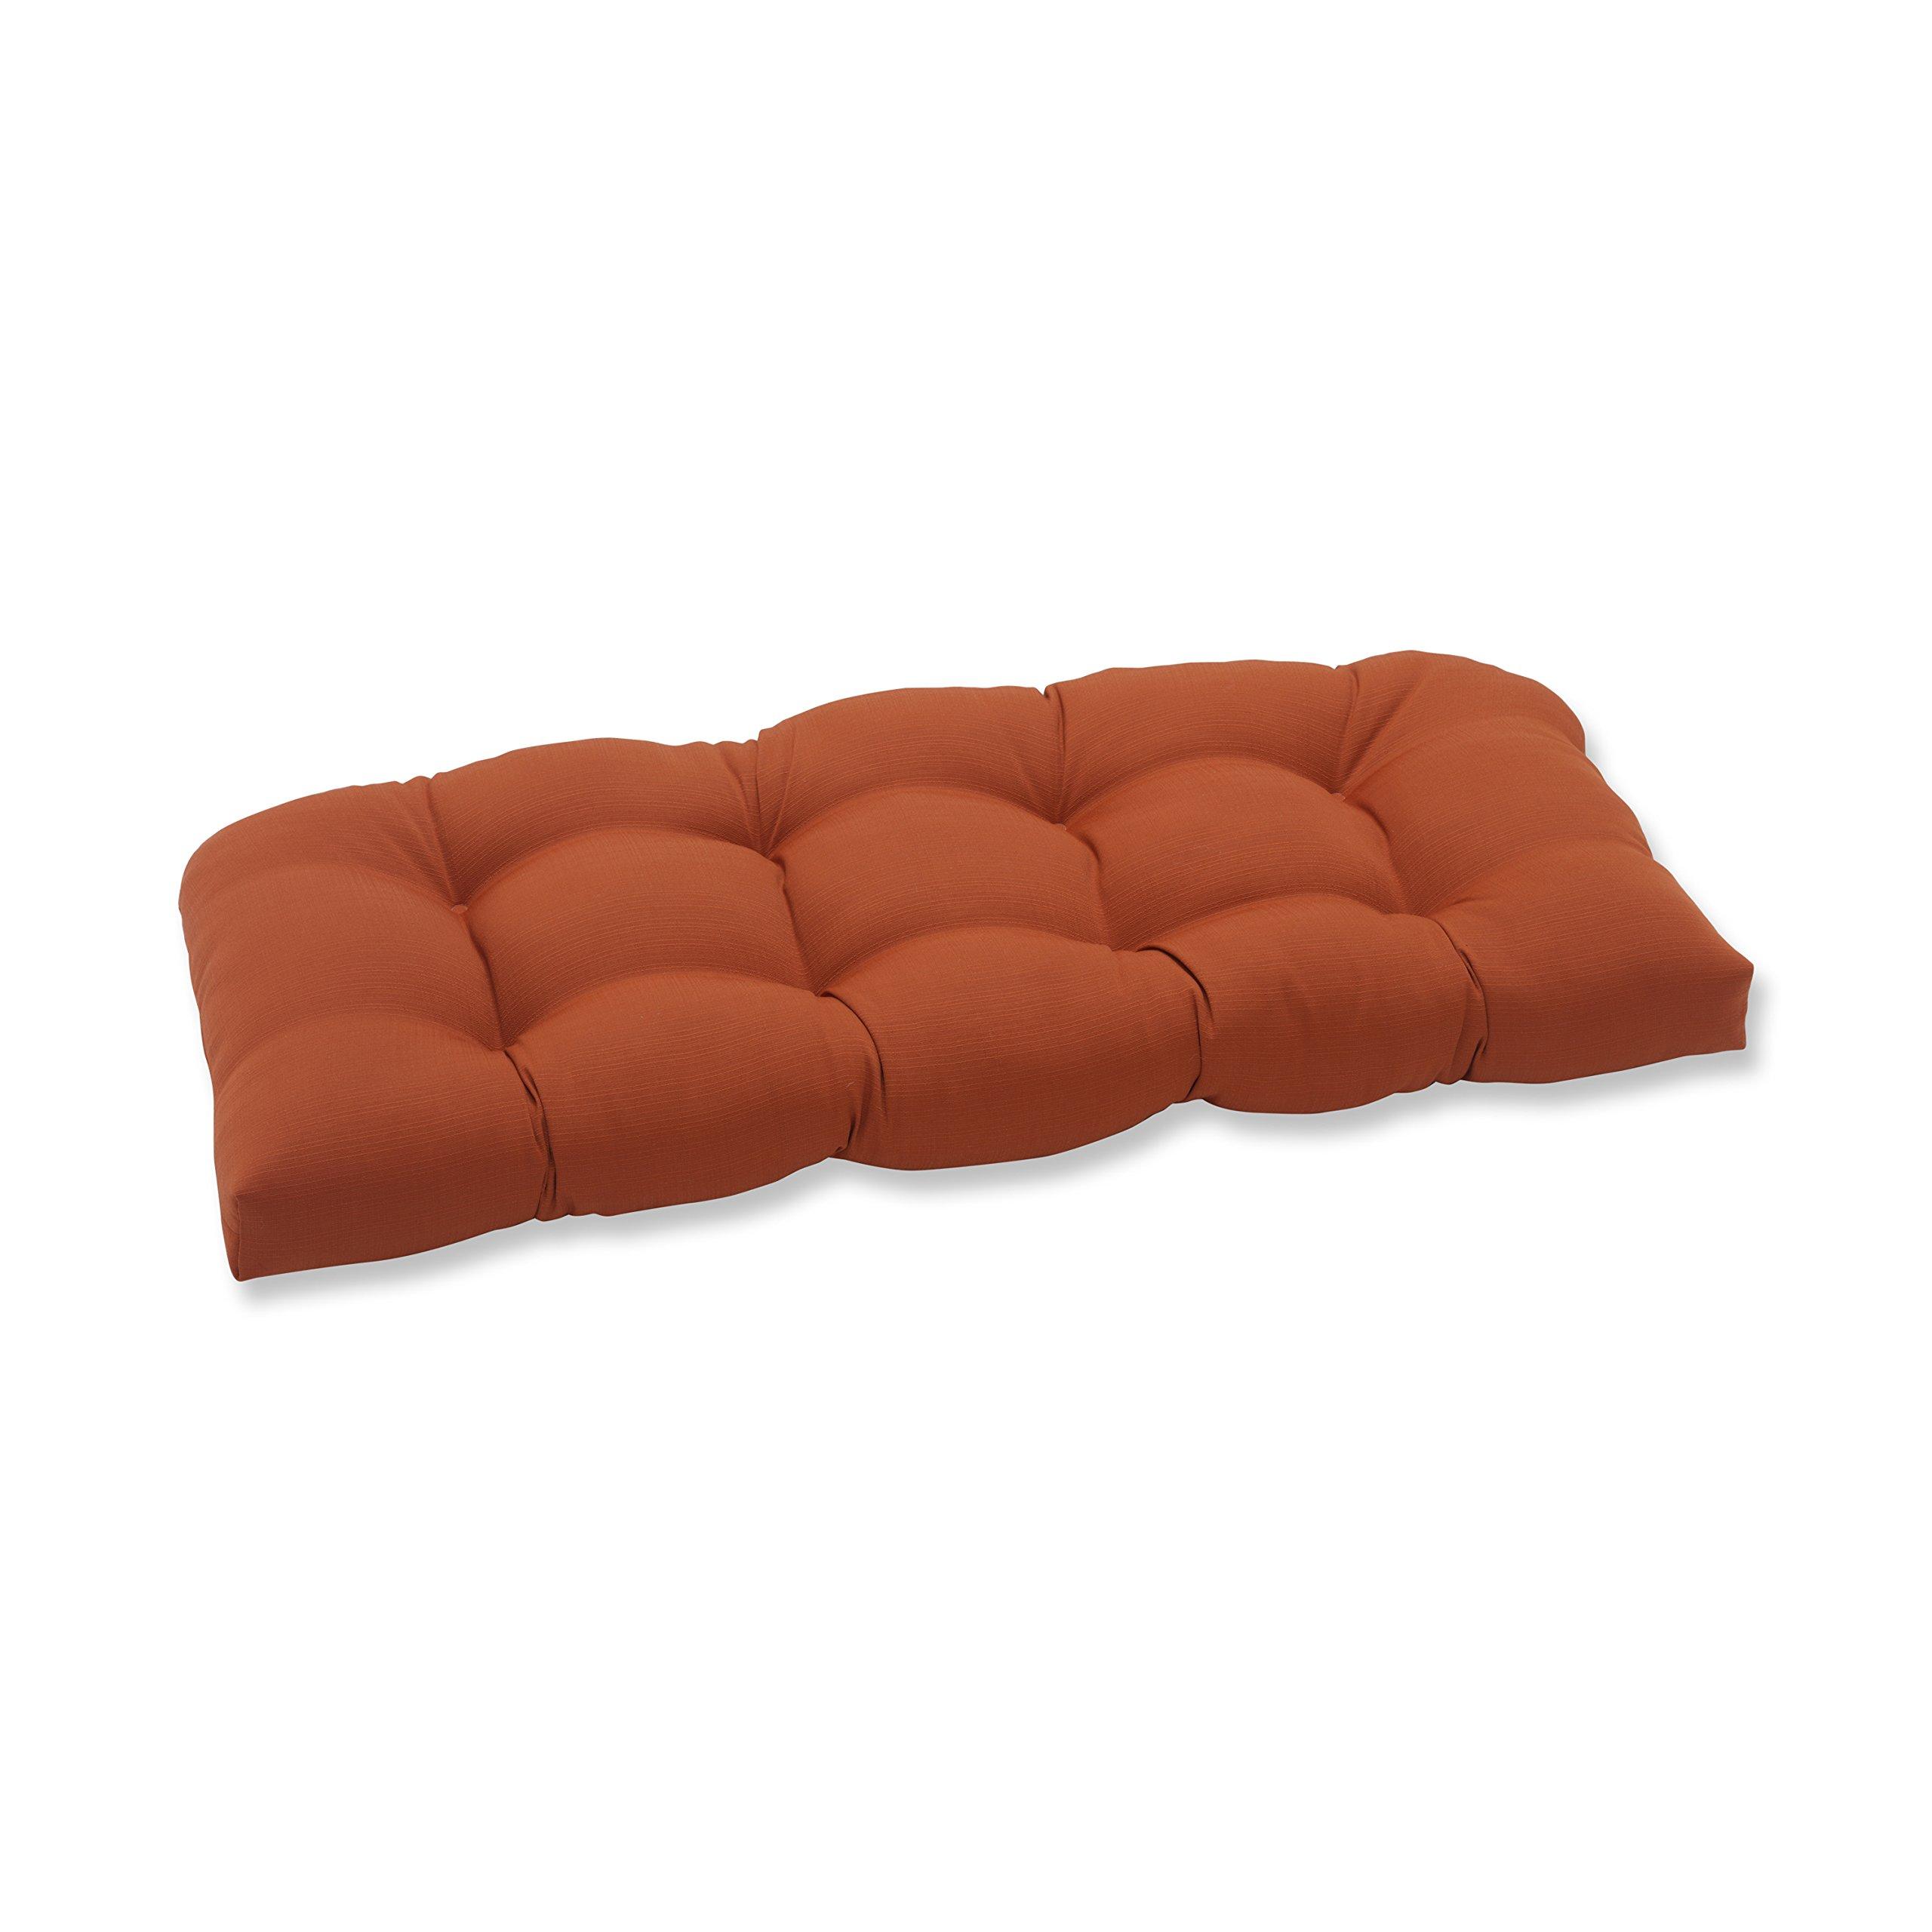 Pillow Perfect Outdoor Cinnabar Wicker Loveseat